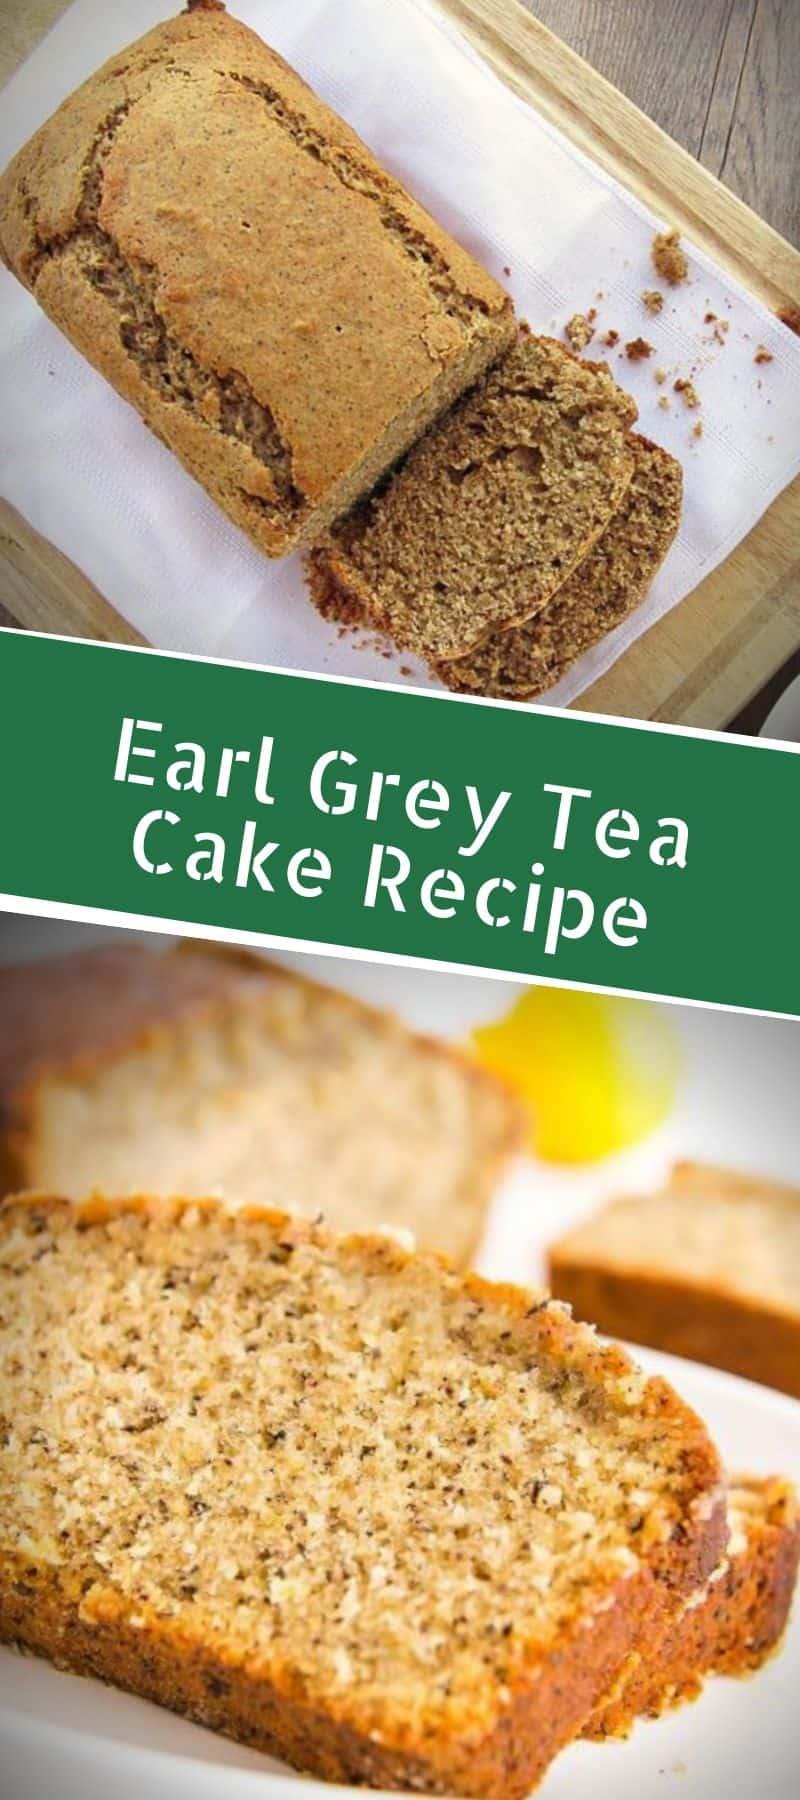 Earl Grey Tea Cake Recipe 3